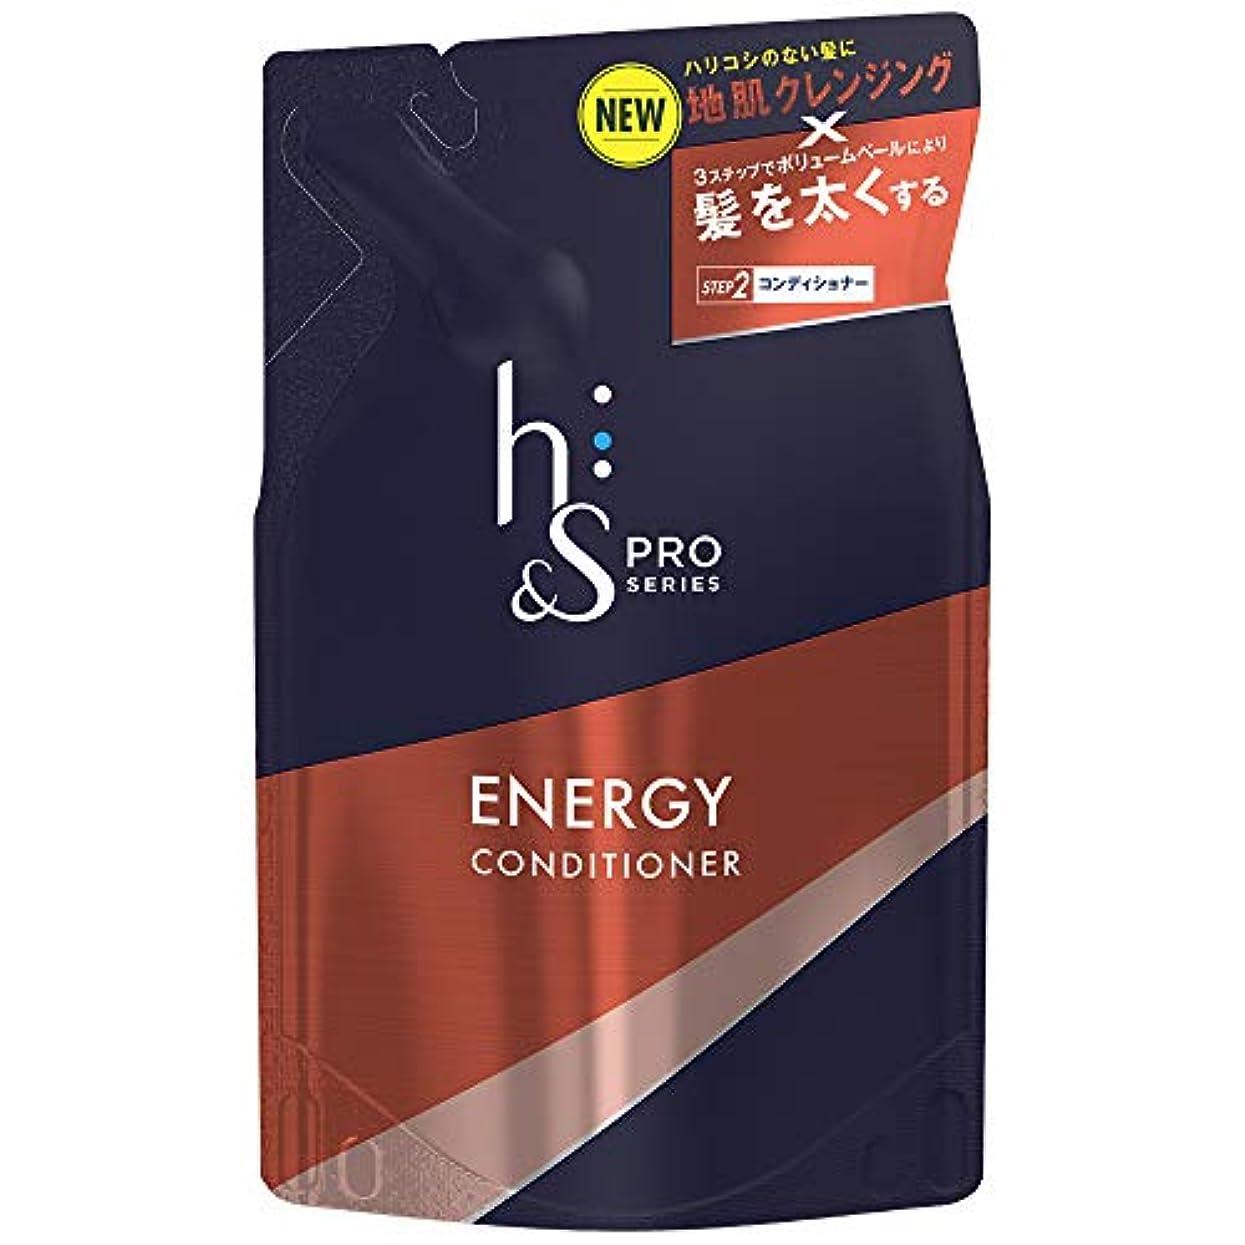 触覚ナンセンス戦うh&s PRO (エイチアンドエス プロ) メンズ コンディショナー エナジー 詰め替え (ボリューム重視) 300g